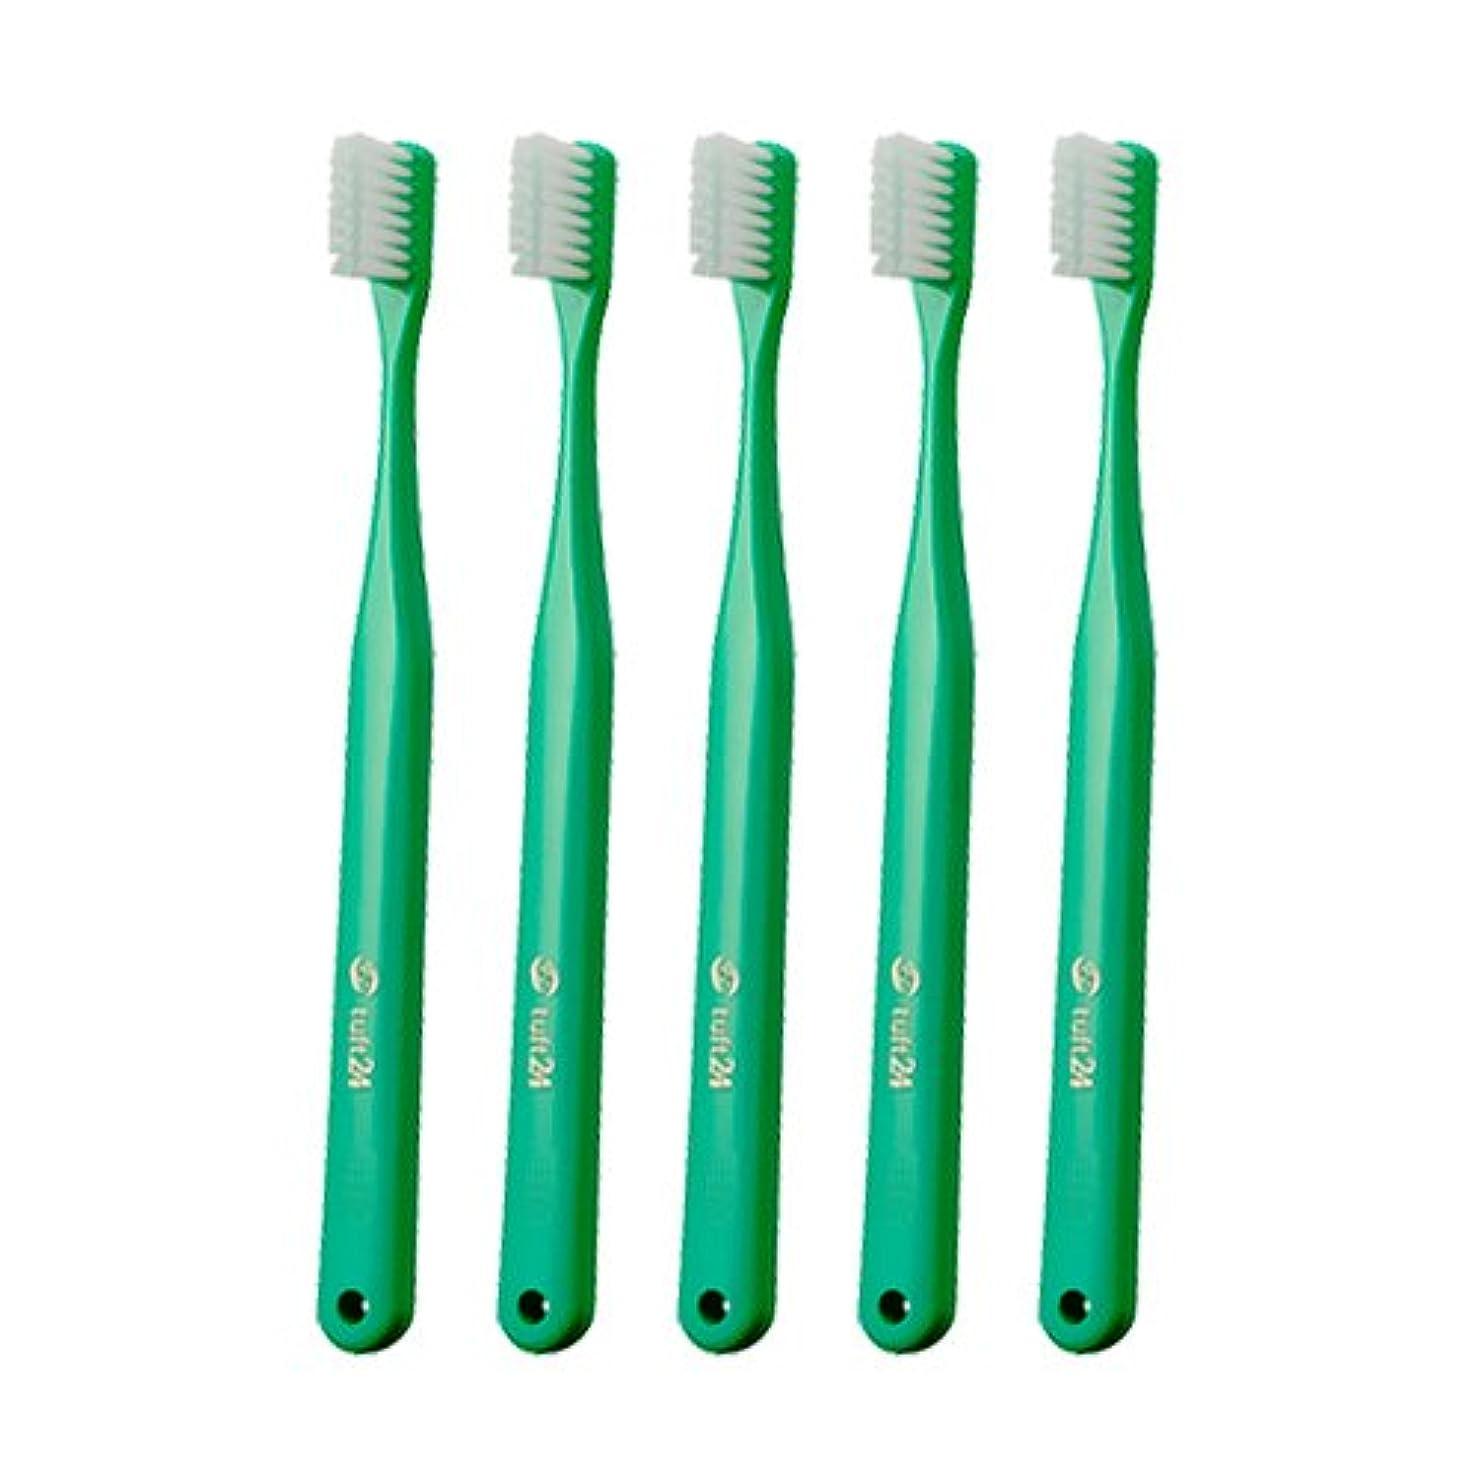 提案起業家忠誠オーラルケア キャップ付き タフト 24歯ブラシ 25本入 ミディアム M (グリーン)